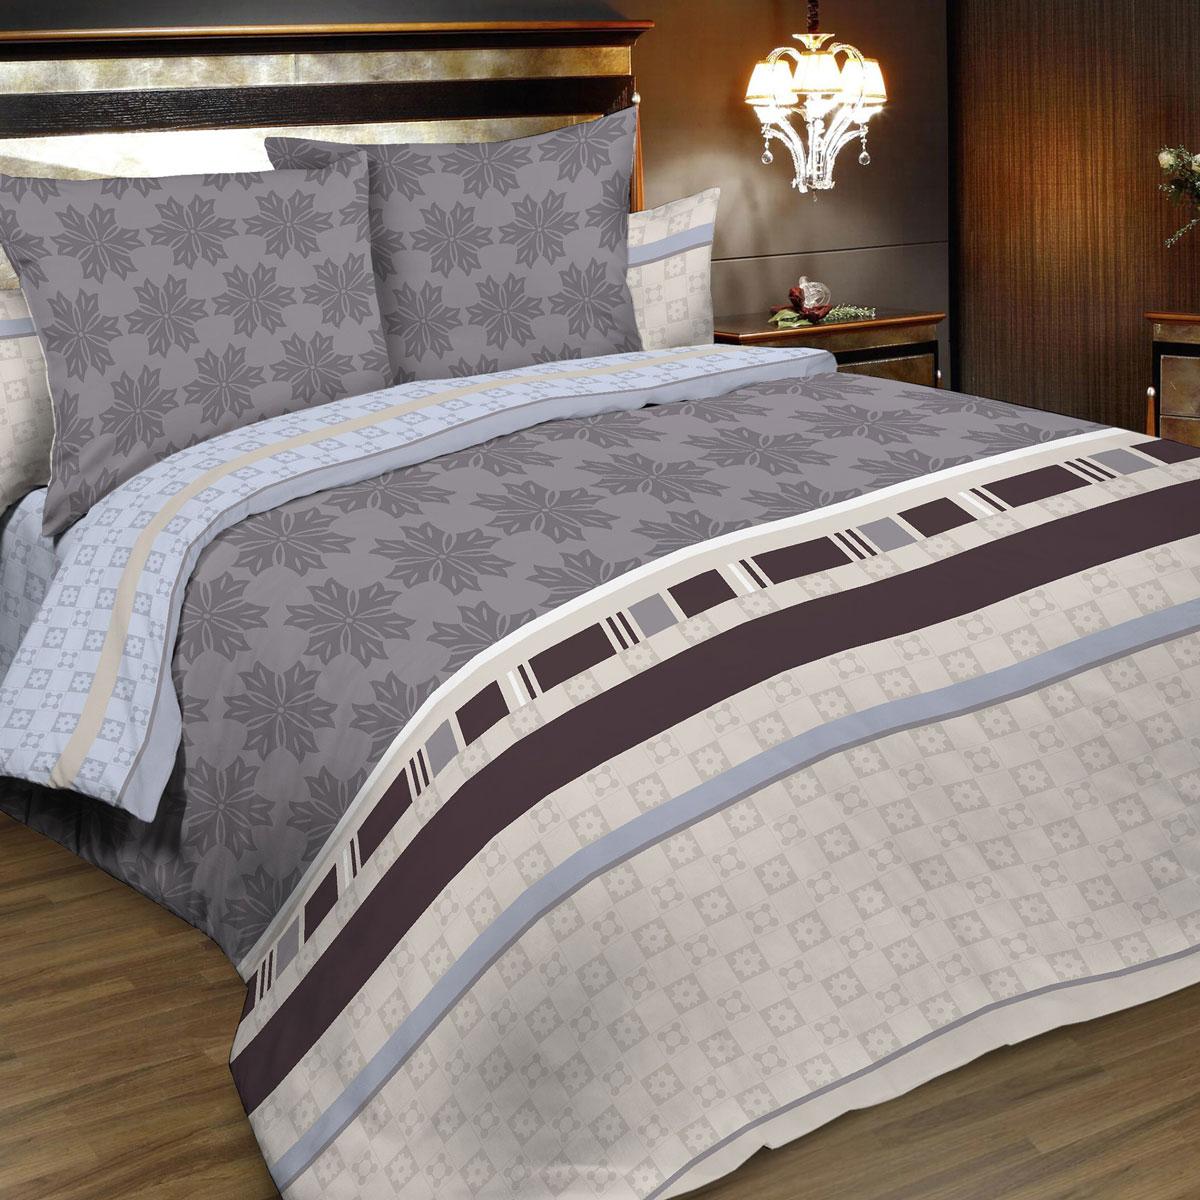 Комплект белья Letto, 1,5-спальный, наволочки 70х70. B180-3339574Комплект постельного белья Letto выполнен из классической российской бязи (хлопка). Комплект состоит из пододеяльника, простыни и двух наволочек.Постельное белье, оформленное оригинальным рисунком, имеет изысканный внешний вид. Пододеяльник снабжен молнией.Благодаря такому комплекту постельного белья вы сможете создать атмосферу роскоши и романтики в вашей спальне. Уважаемые клиенты! Обращаем ваше внимание на тот факт, что расцветка наволочек может отличаться от представленной на фото.